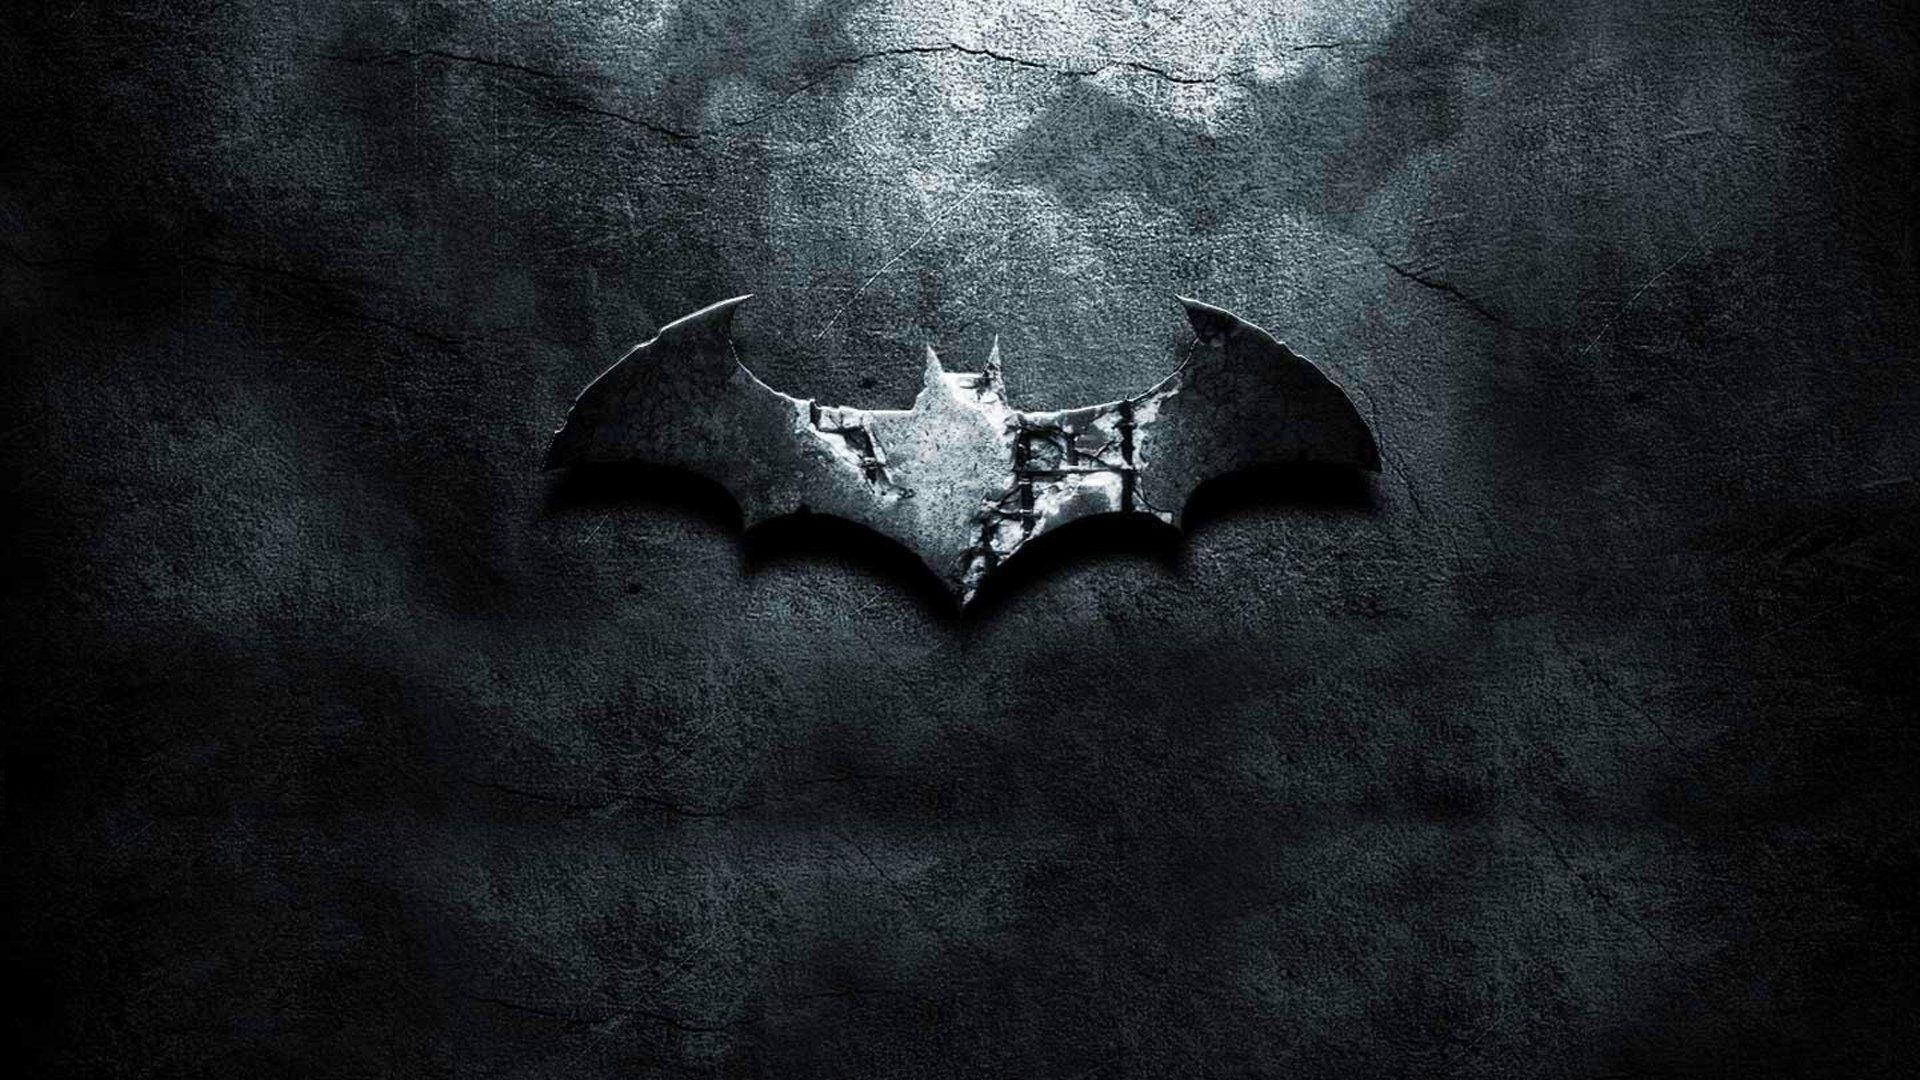 4K Batman Wallpaper – WallpaperSafari